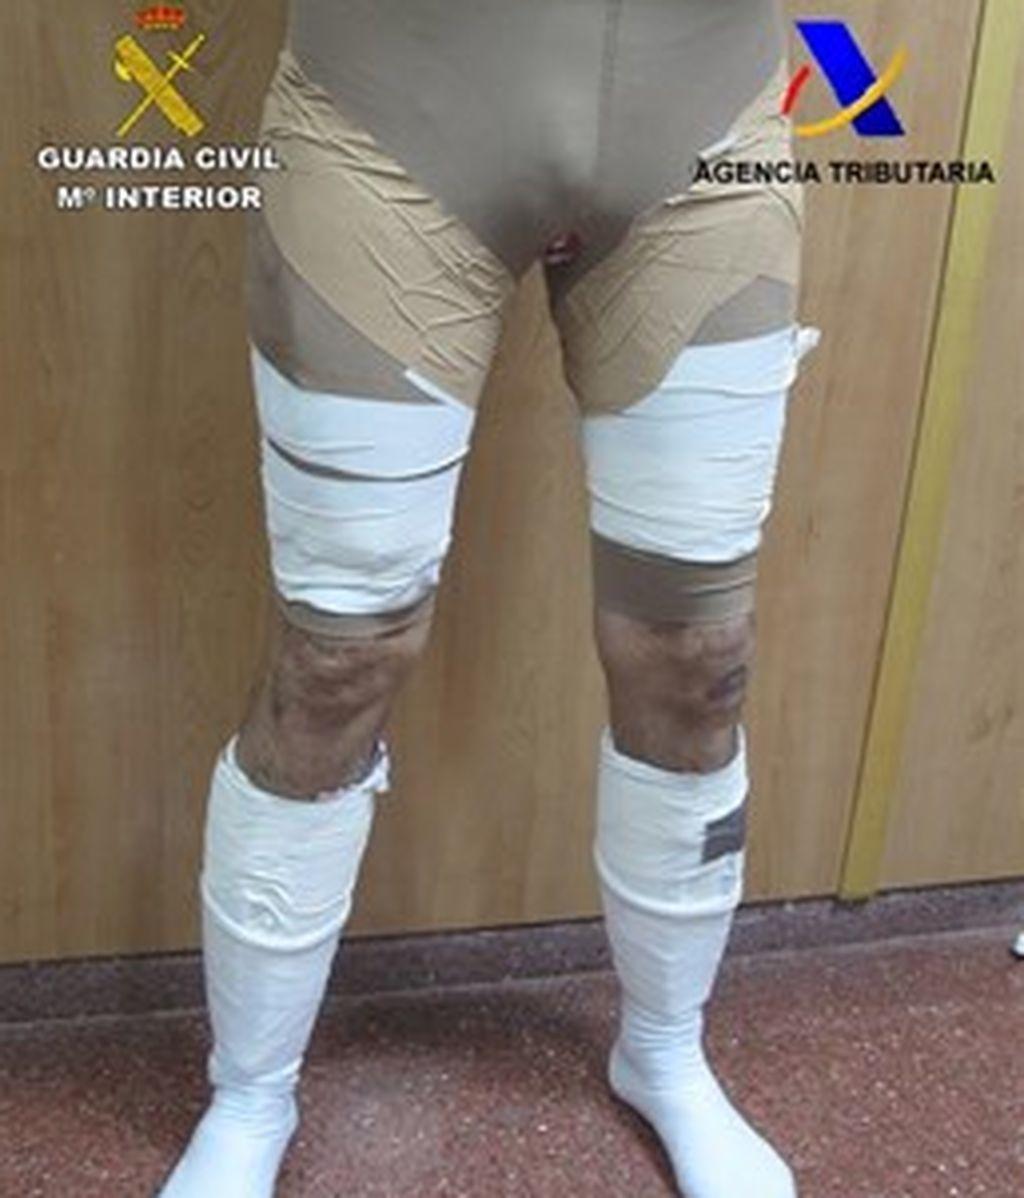 Detenido un viajero en El Prat con 2,7 kilos de cocaína adosados a las piernas